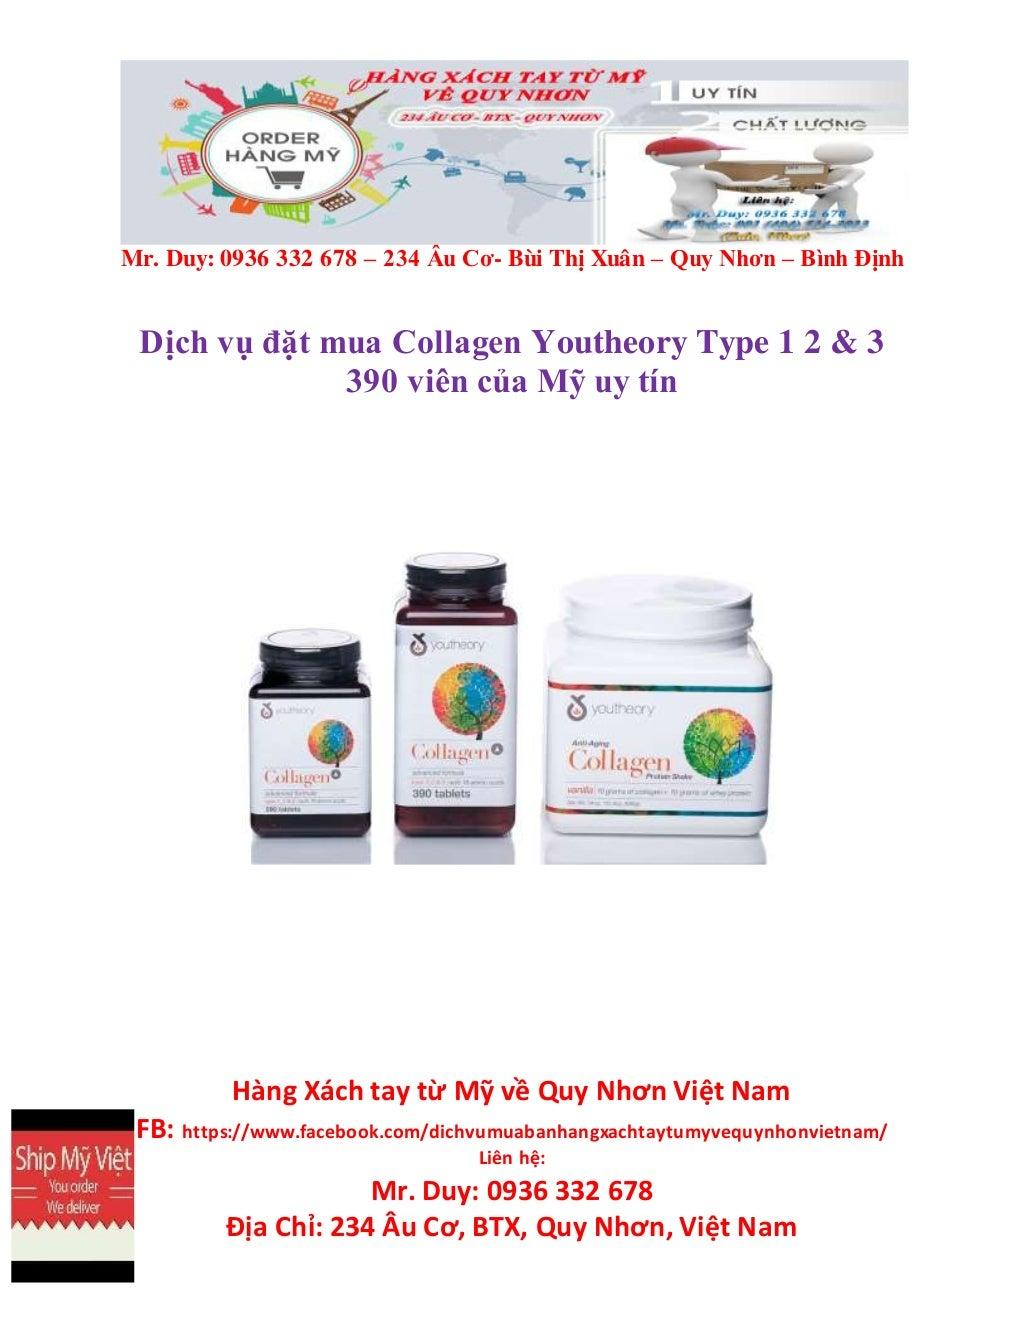 Công ty đặt thuốc bổ xách tay ở Quy Nhơn uy tín - Magazine cover